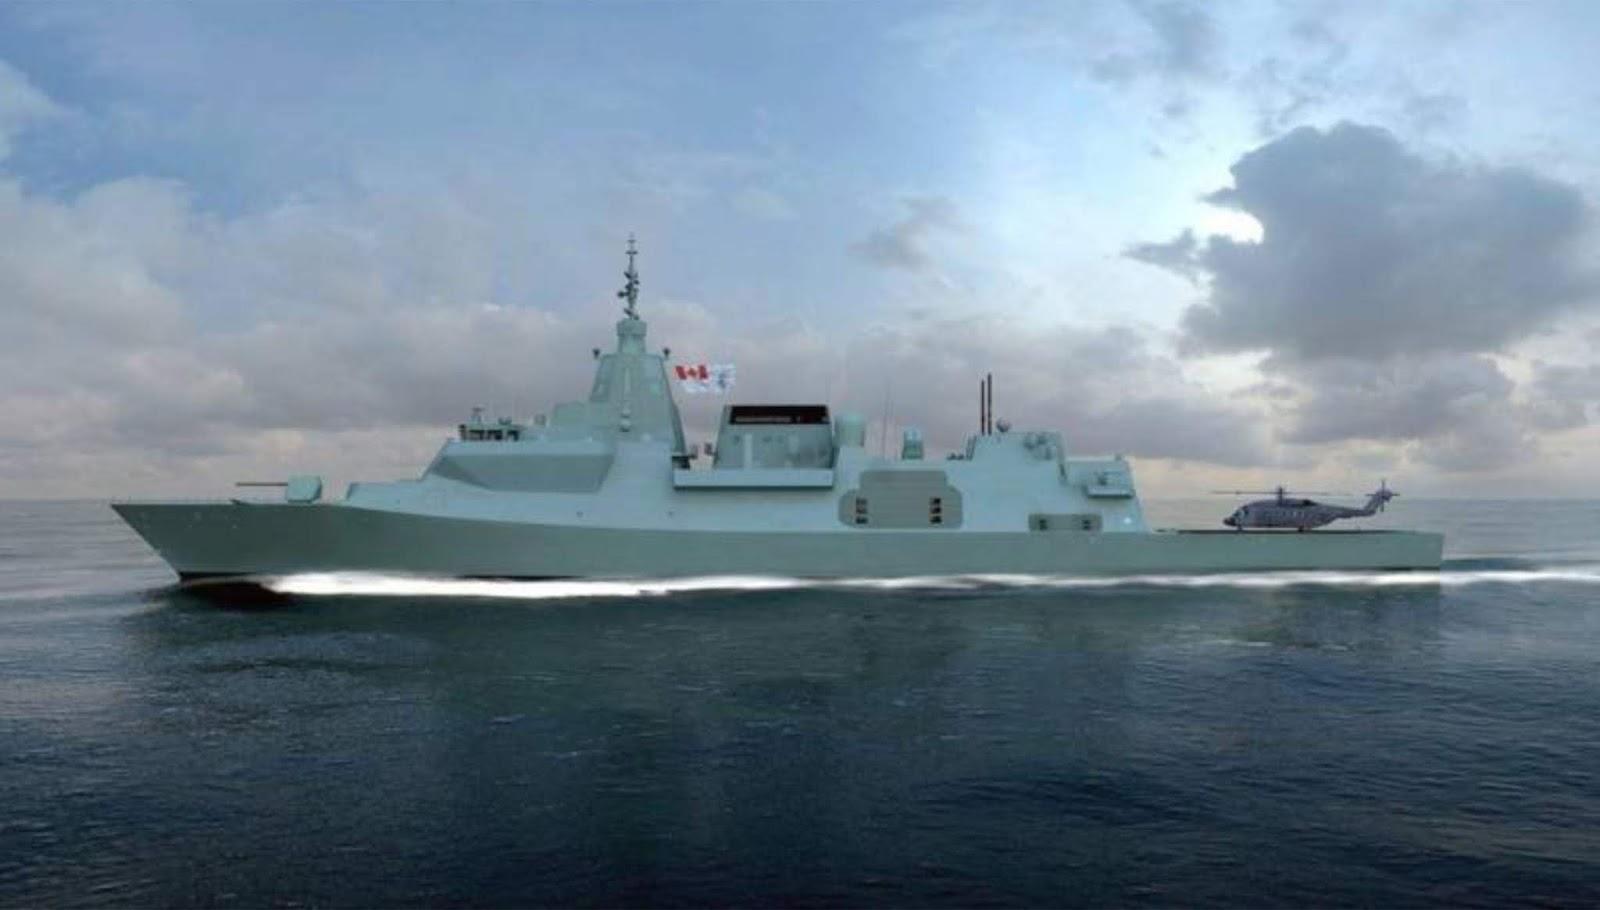 Kanada memilih frigat Inggris tipe 26 dengan potensi kontrak $ 26 miliar